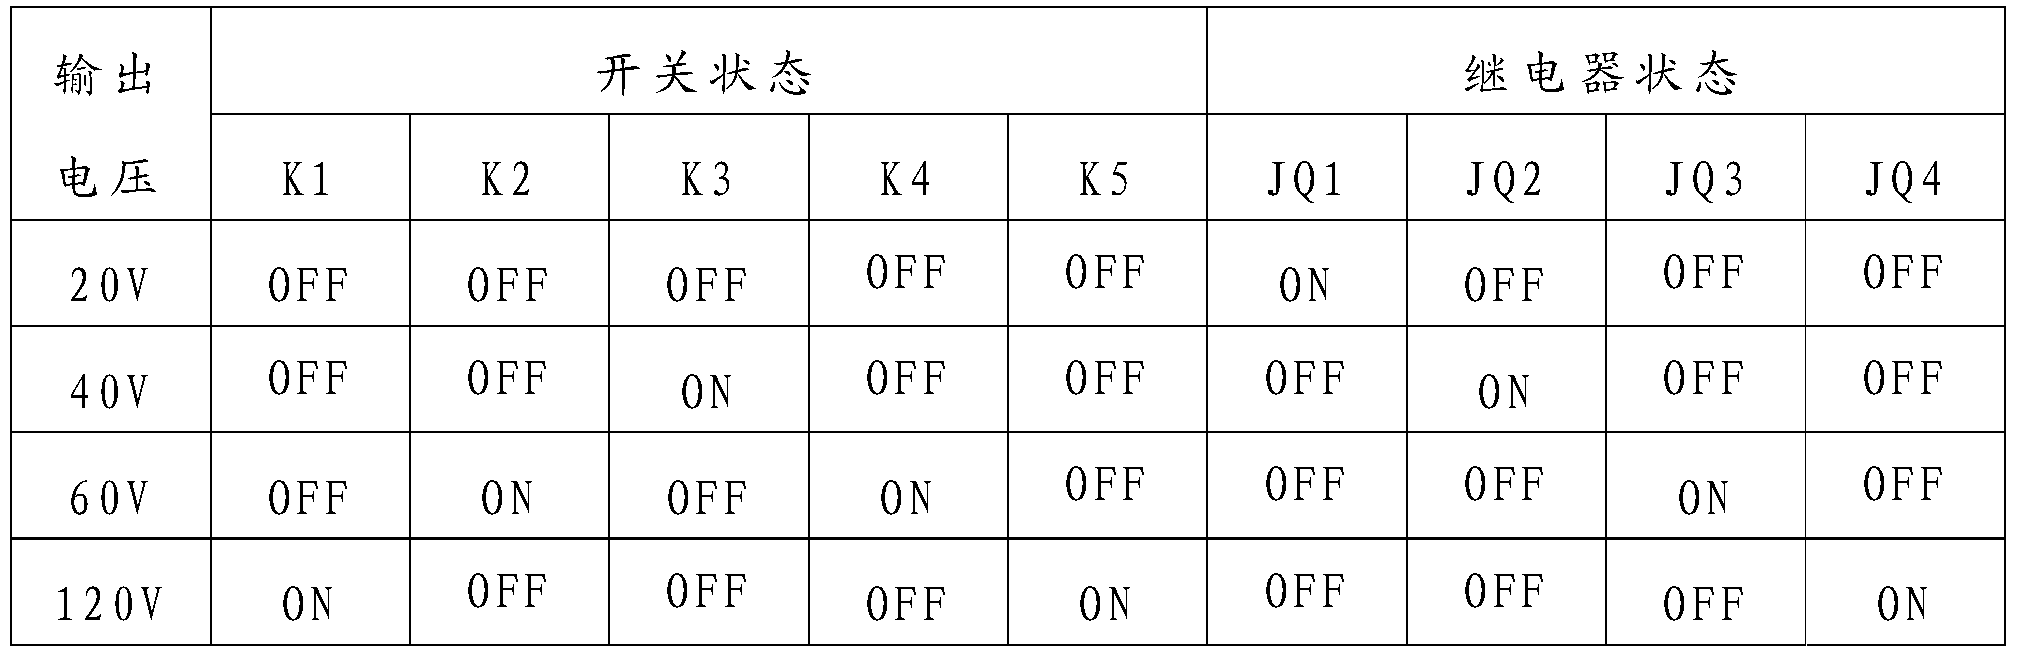 Figure PCTCN2016076300-appb-000001